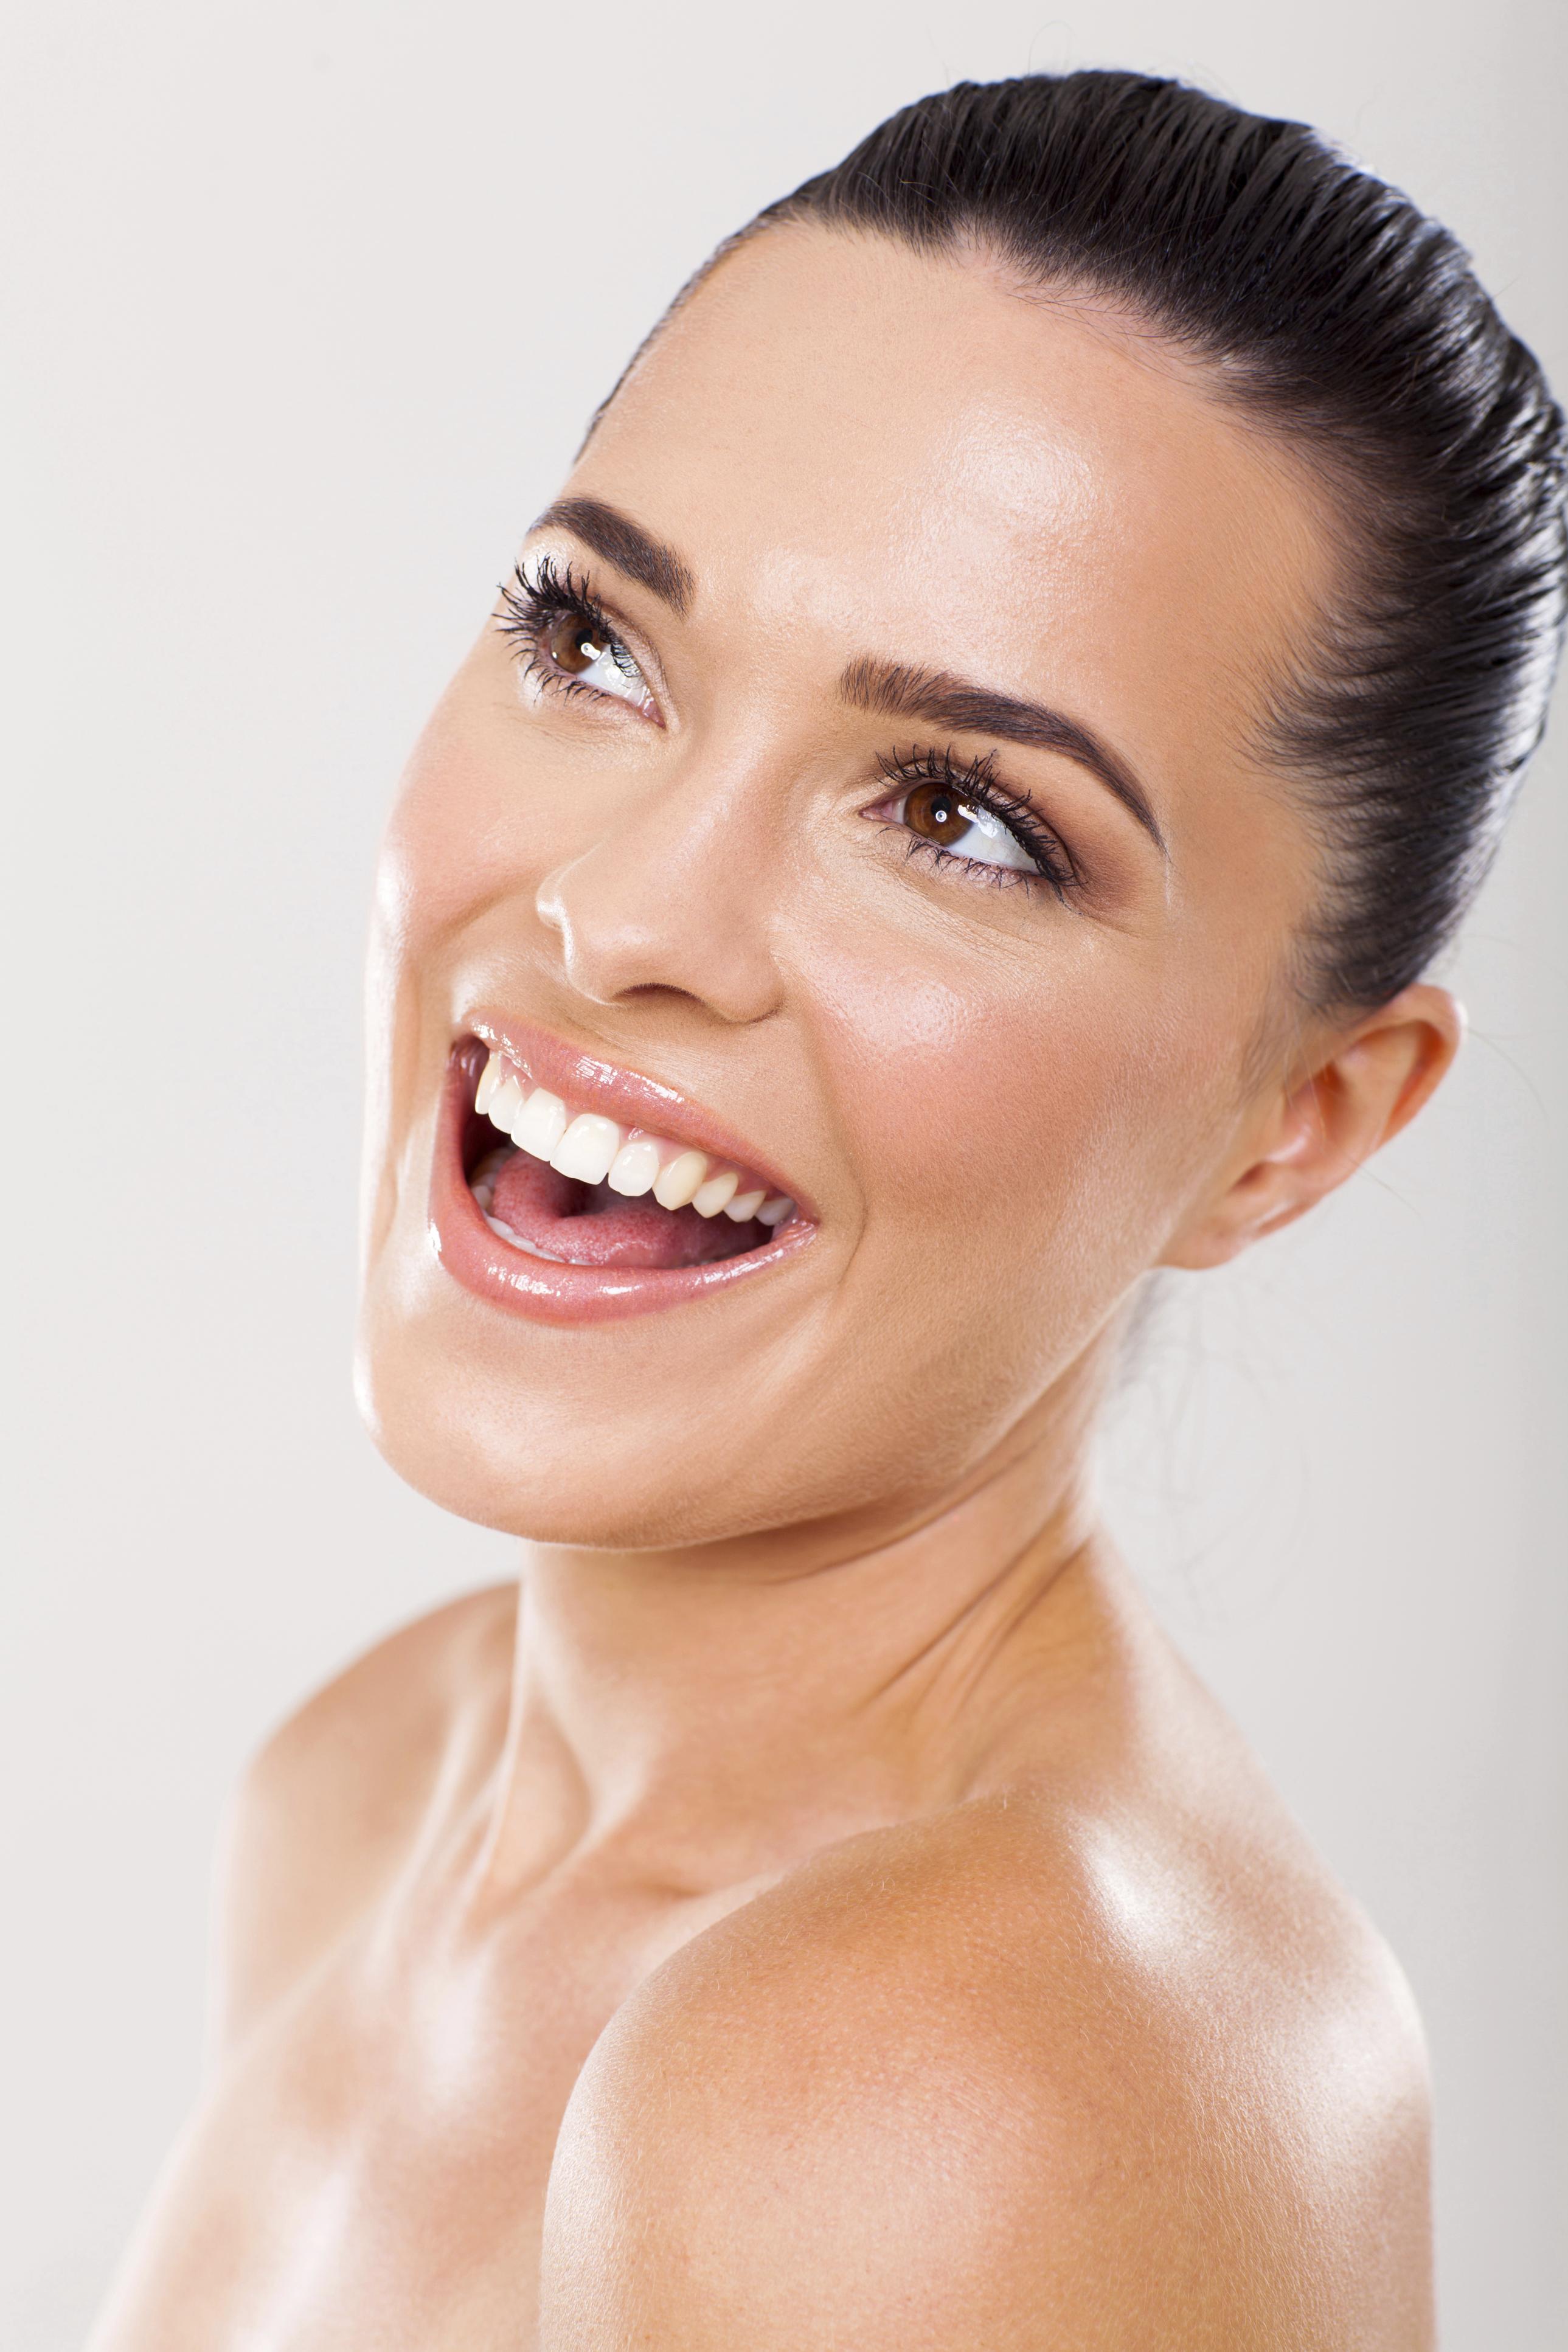 No descuides tu rutina de limpieza y cuidado facial, sugiere Vázquez. Esto ayudará a que le maquillaje luzca mejor. Cada noche procura retirar bien las impurezas de la piel, aplicar un tónico y un humectante. (Archivo)